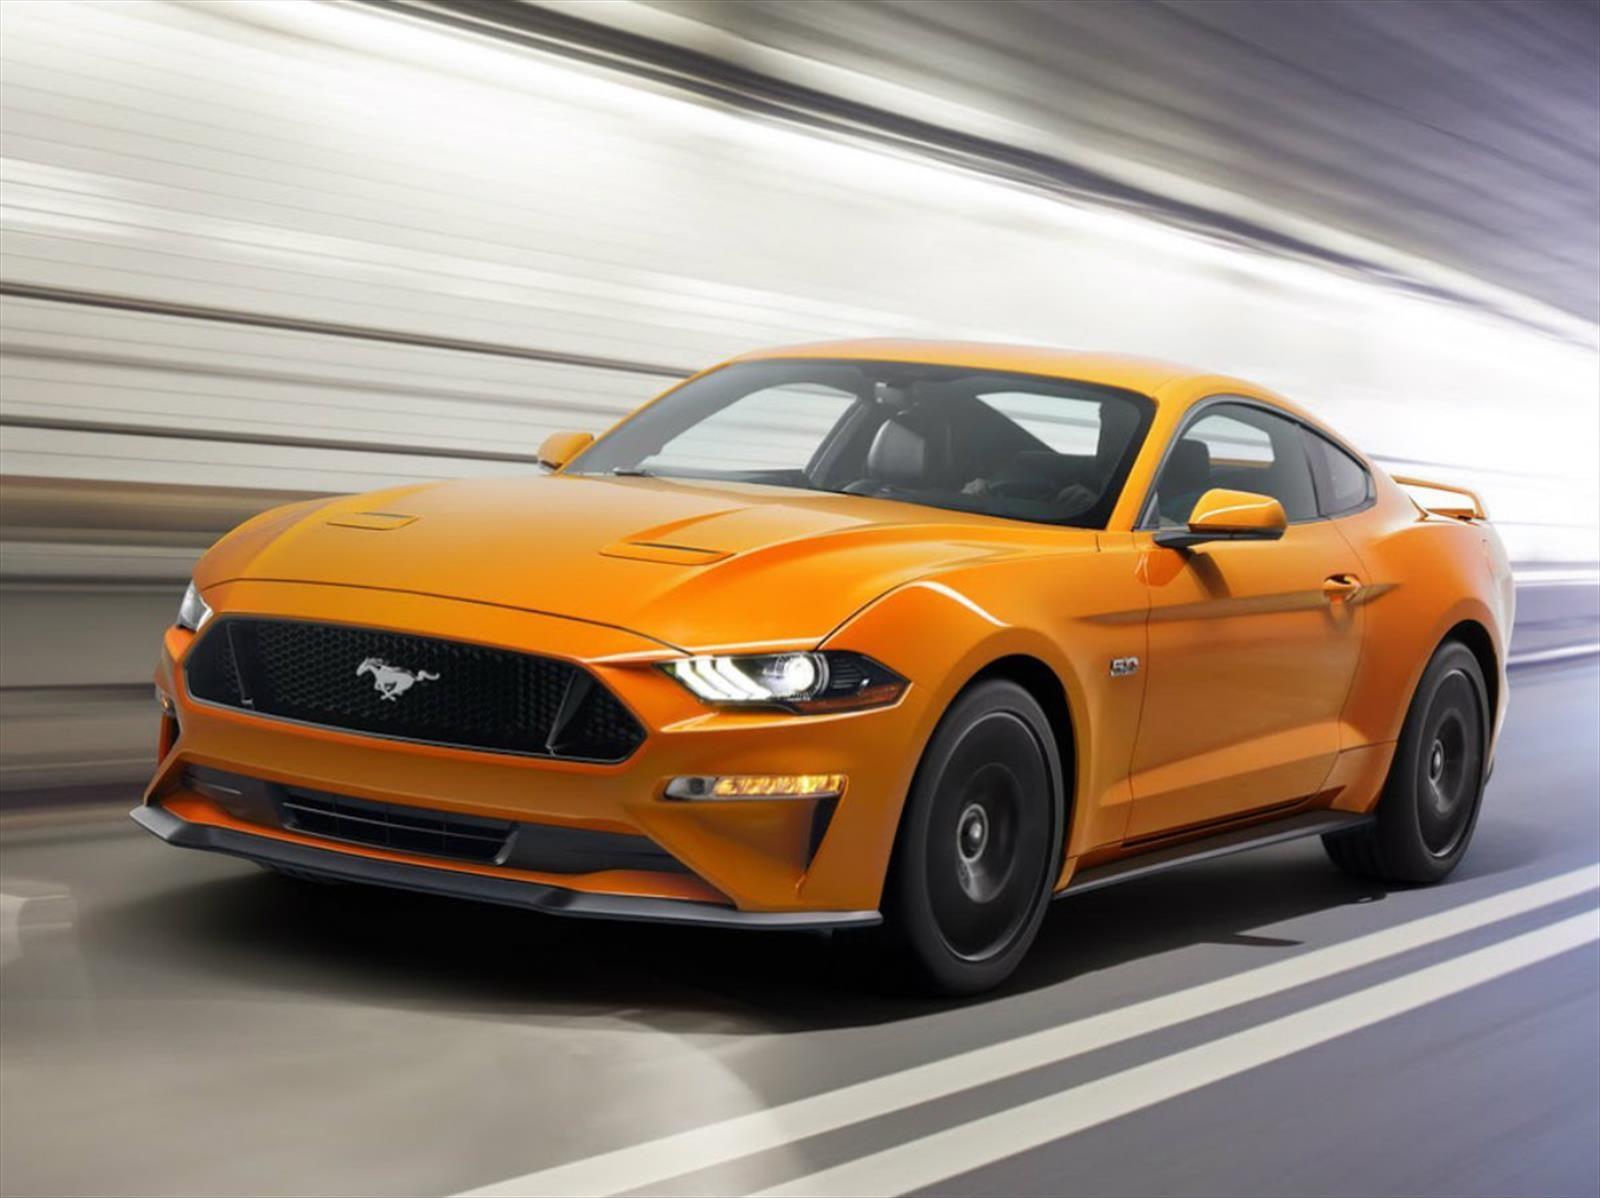 Ford Mustang 2018, el ponycar sigue evolucionando